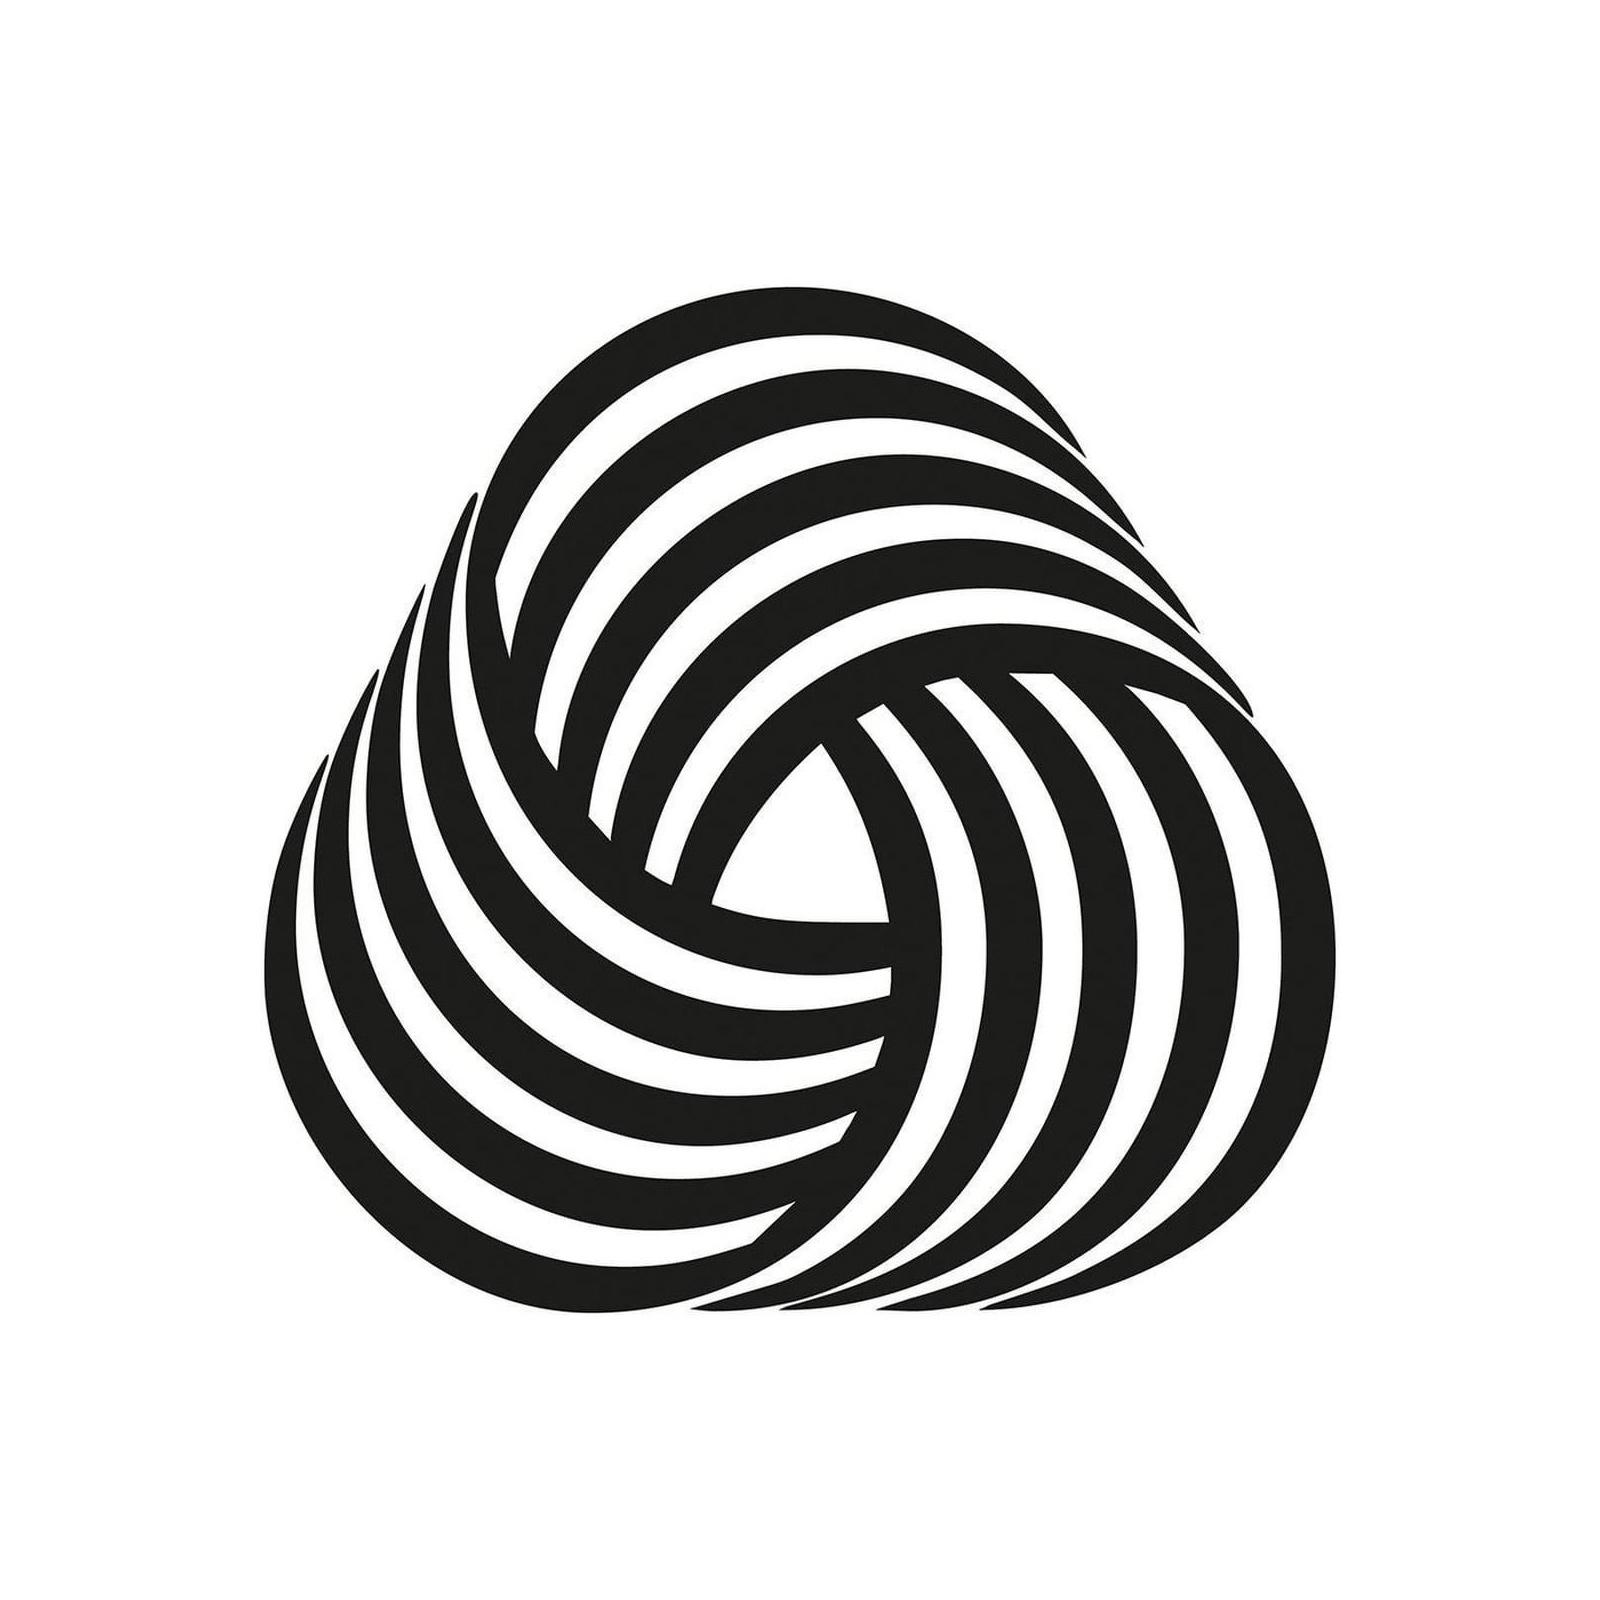 WOOL MARK: La Woolmark company promuove la lana tramite il controllo qualità del prodotto, applicando un sistema di certificazione universale con specifiche restrittive e standard qualitativi definiti.